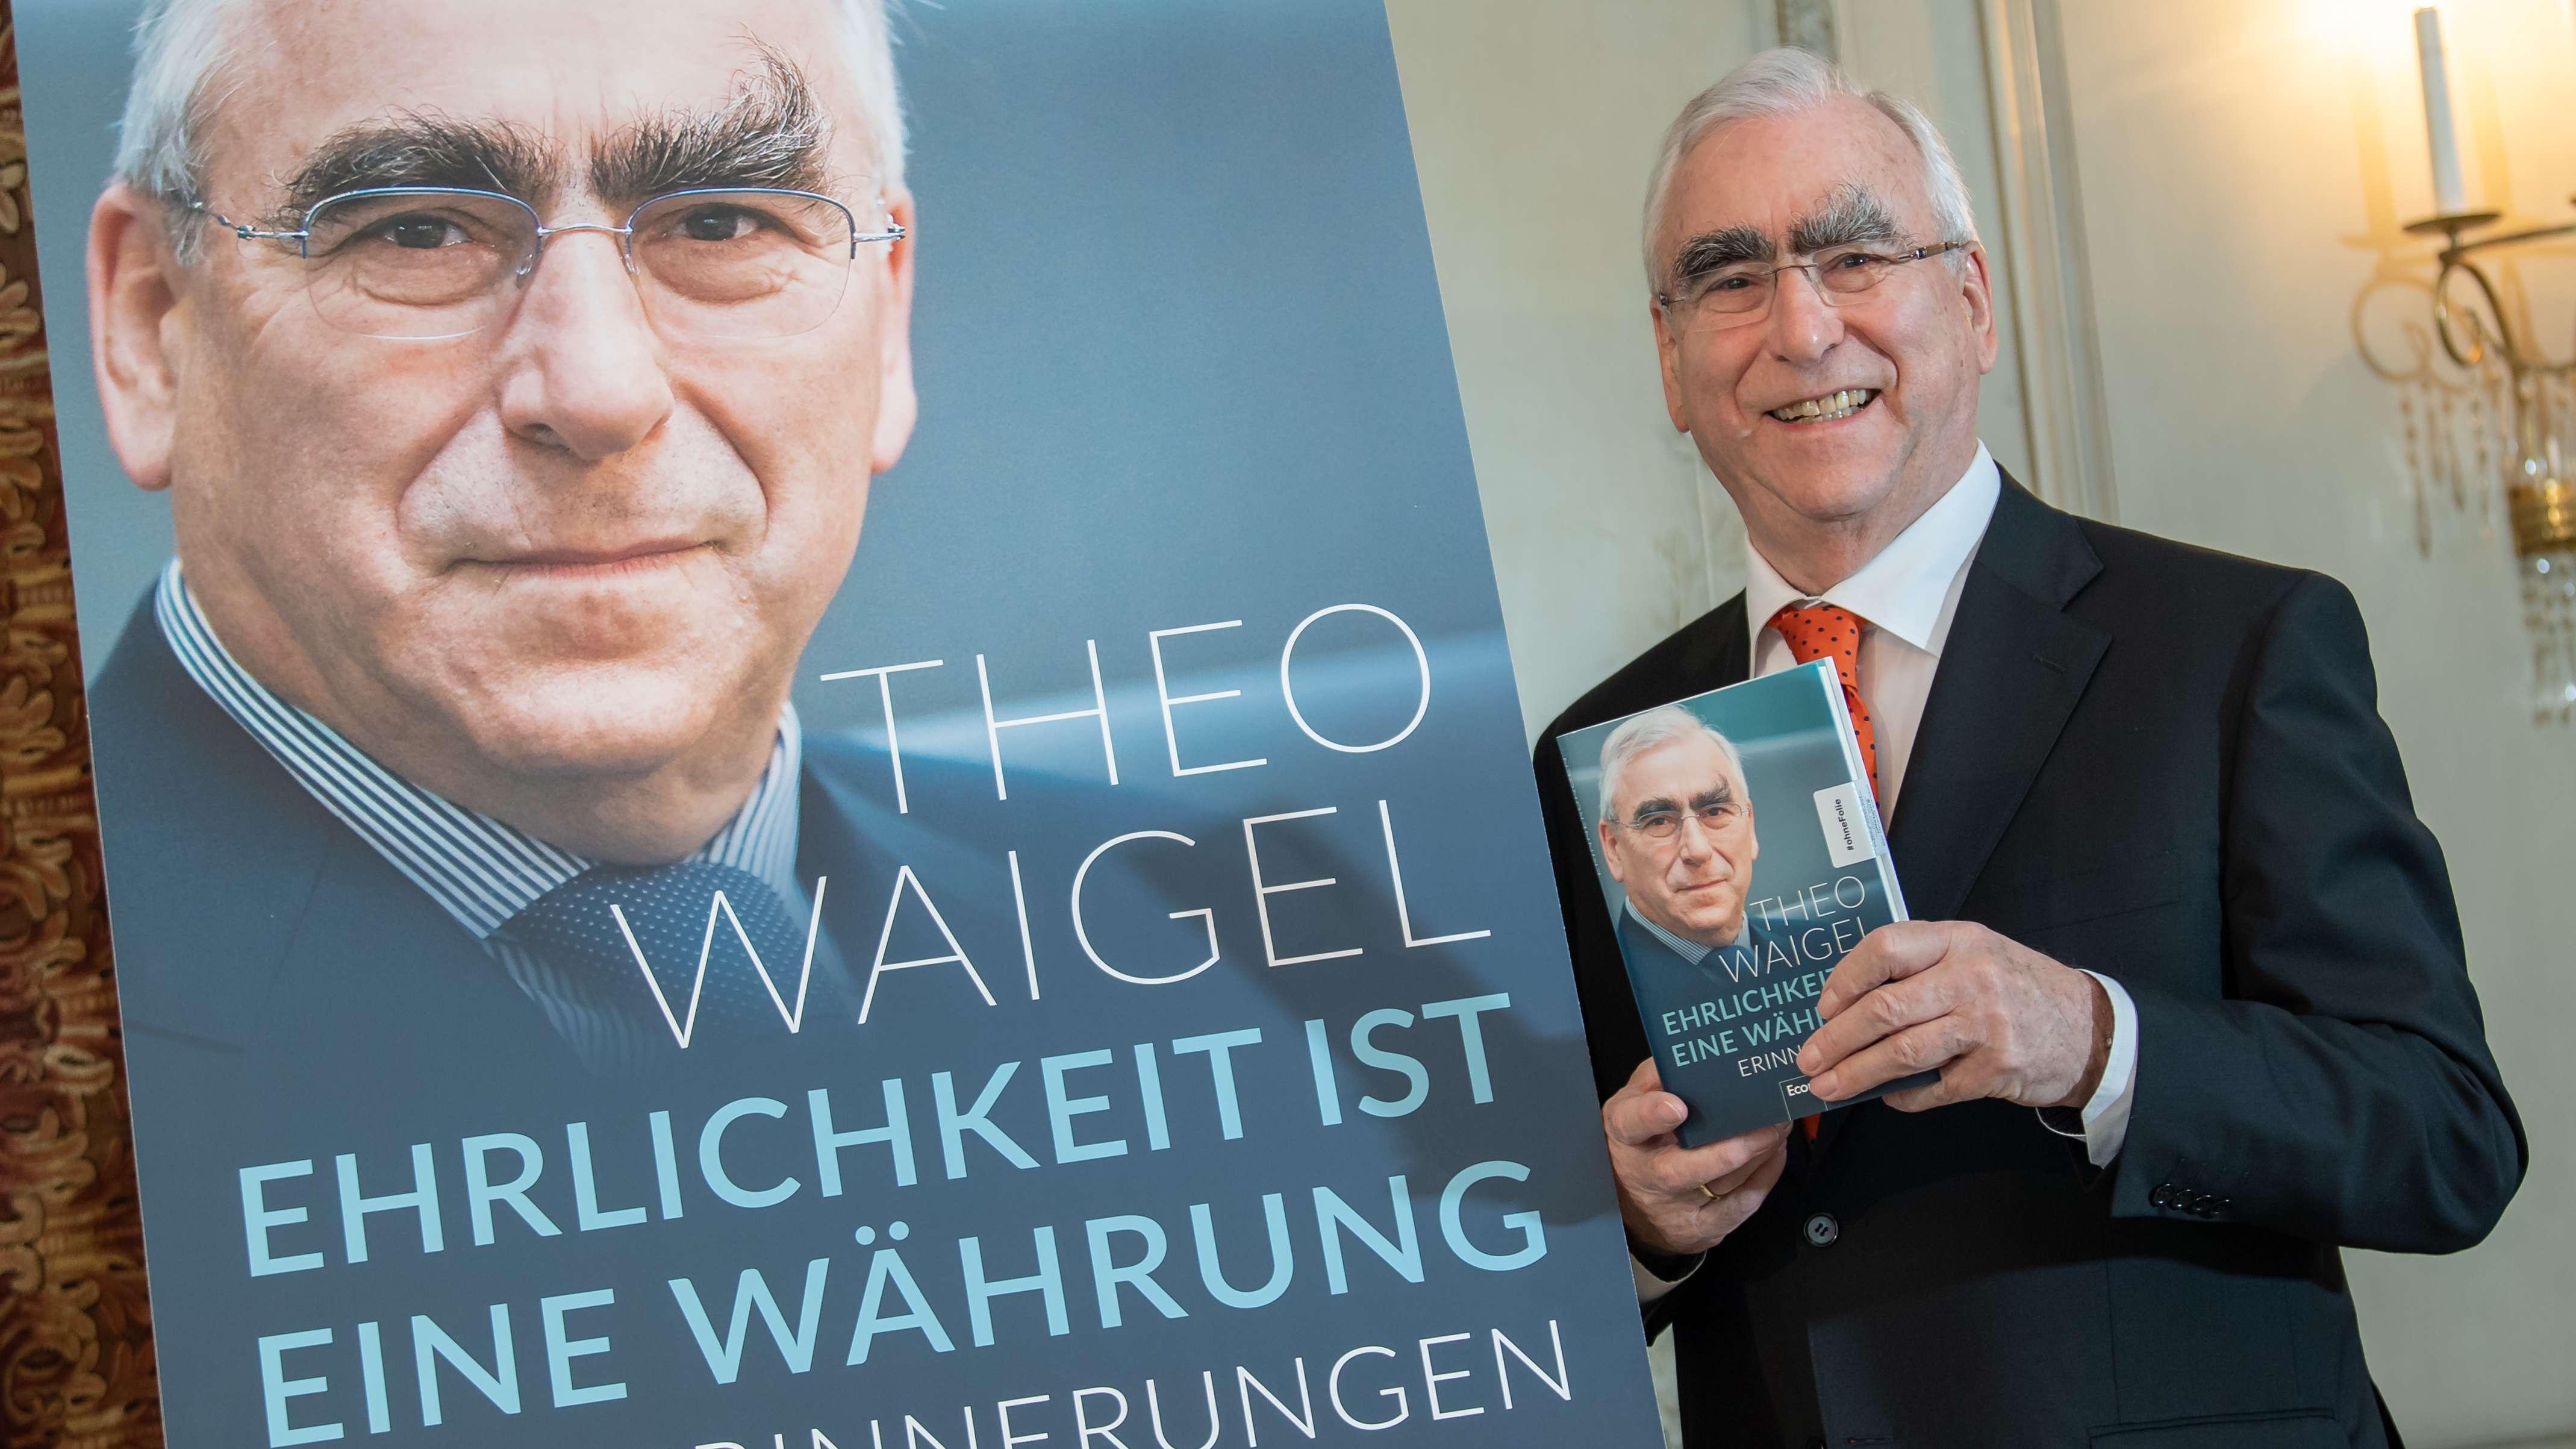 Der ehemalige CSU-Vorsitzende Theo Waigel bei der Vorstellung seiner Autobiografie